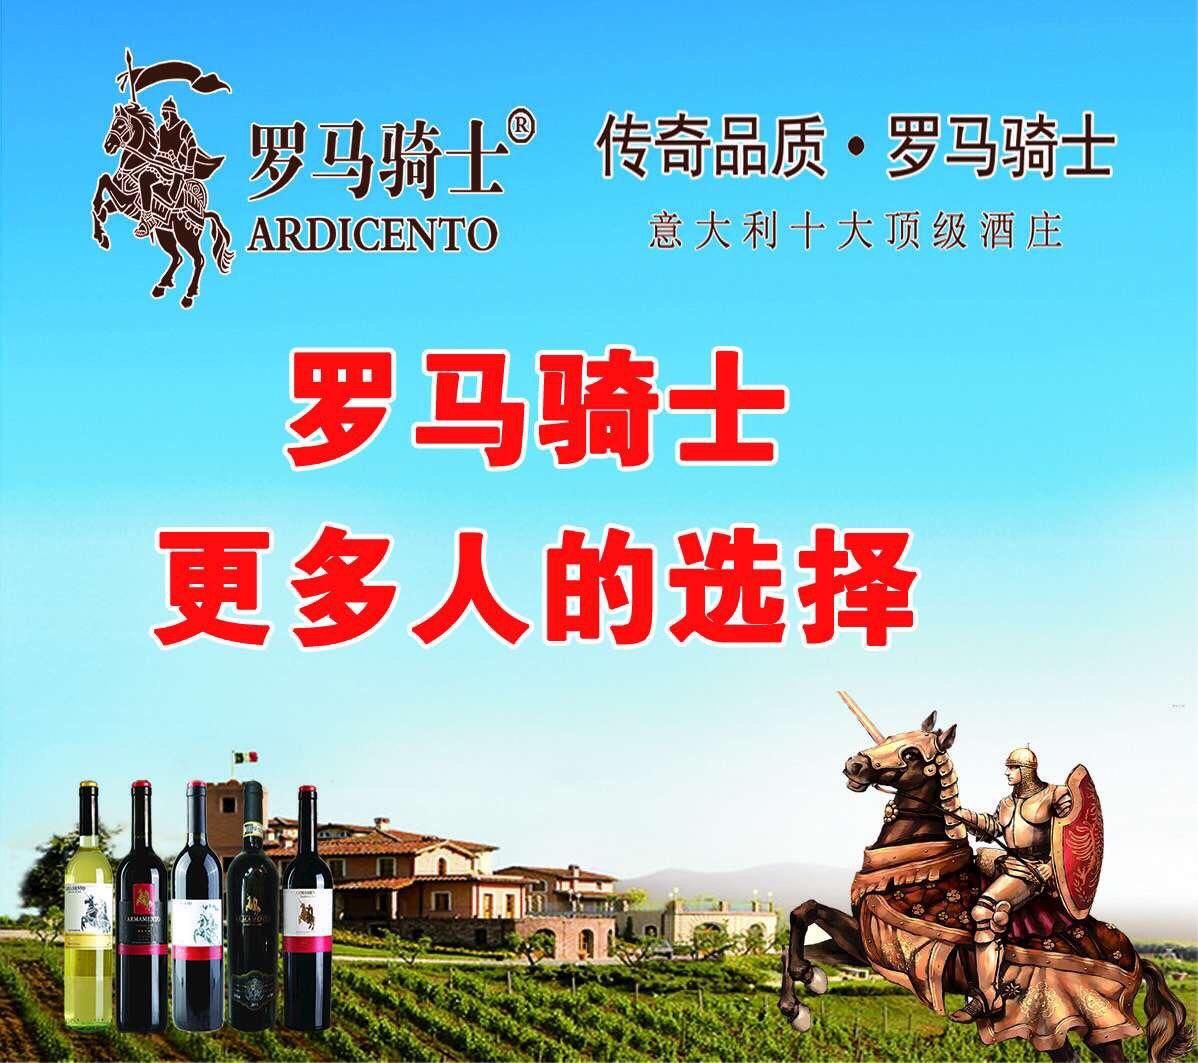 罗马骑士酒庄